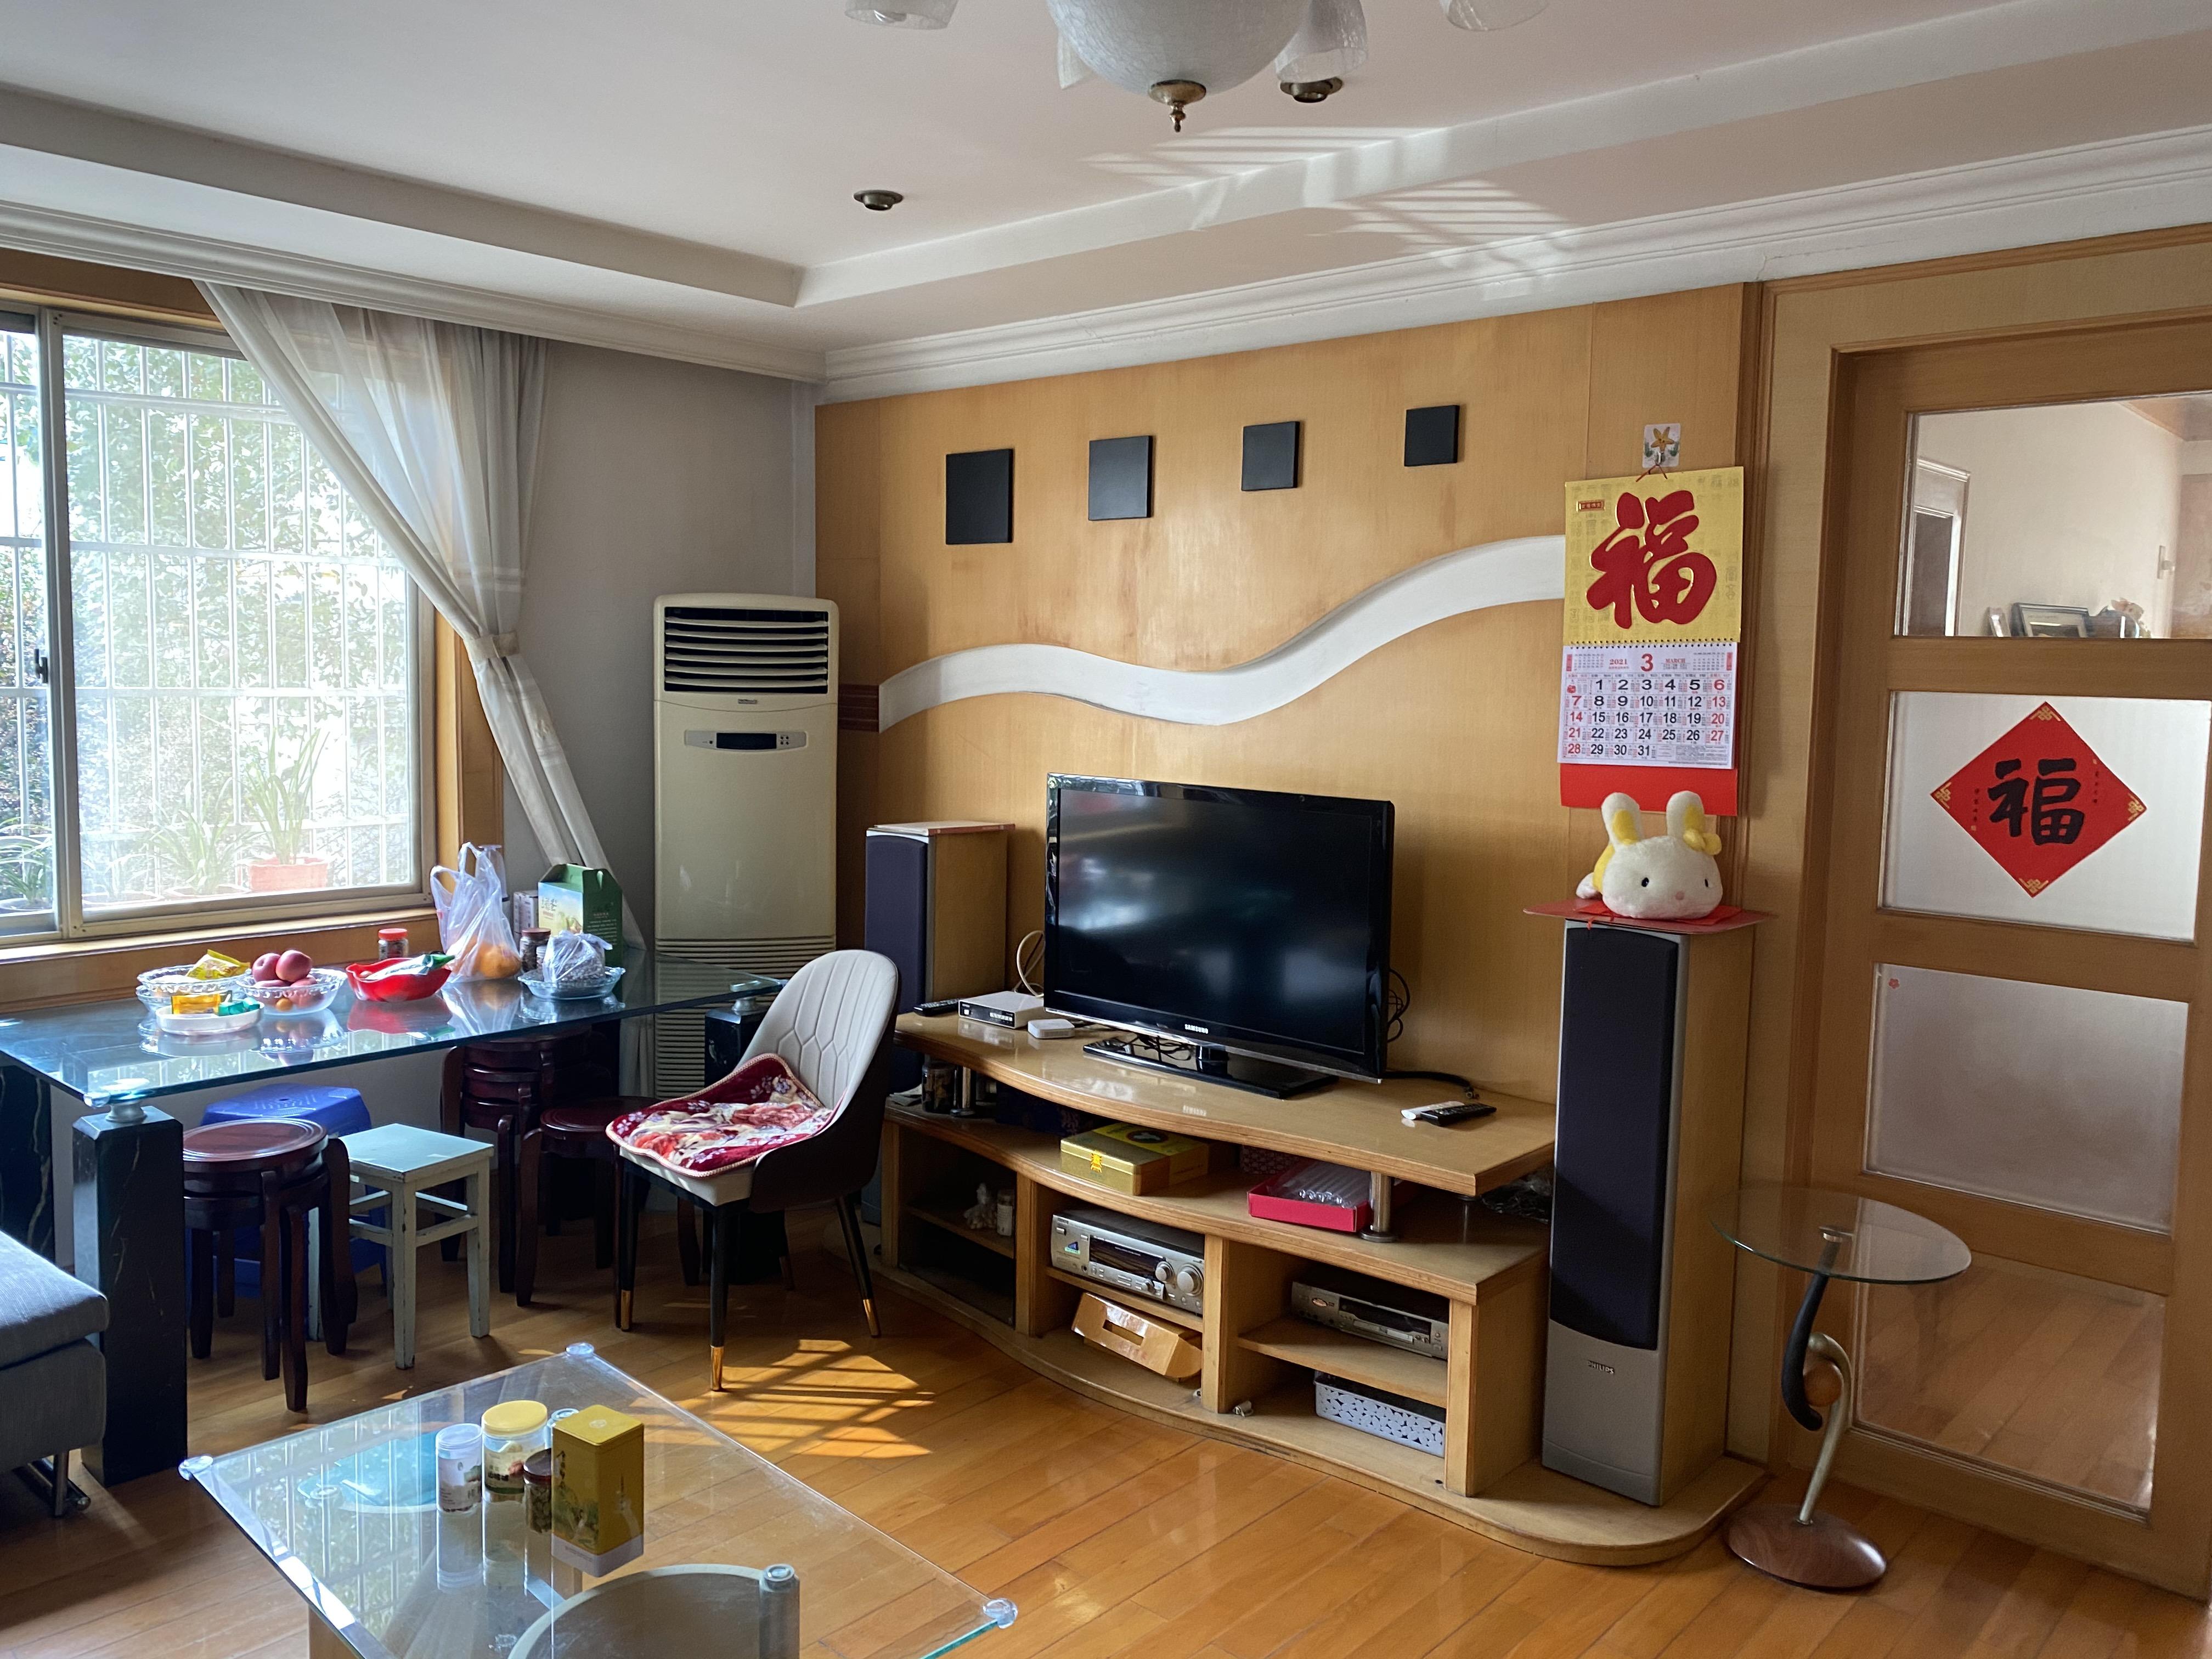 藕湖浜 三阳台 2000年房龄 边套装修好